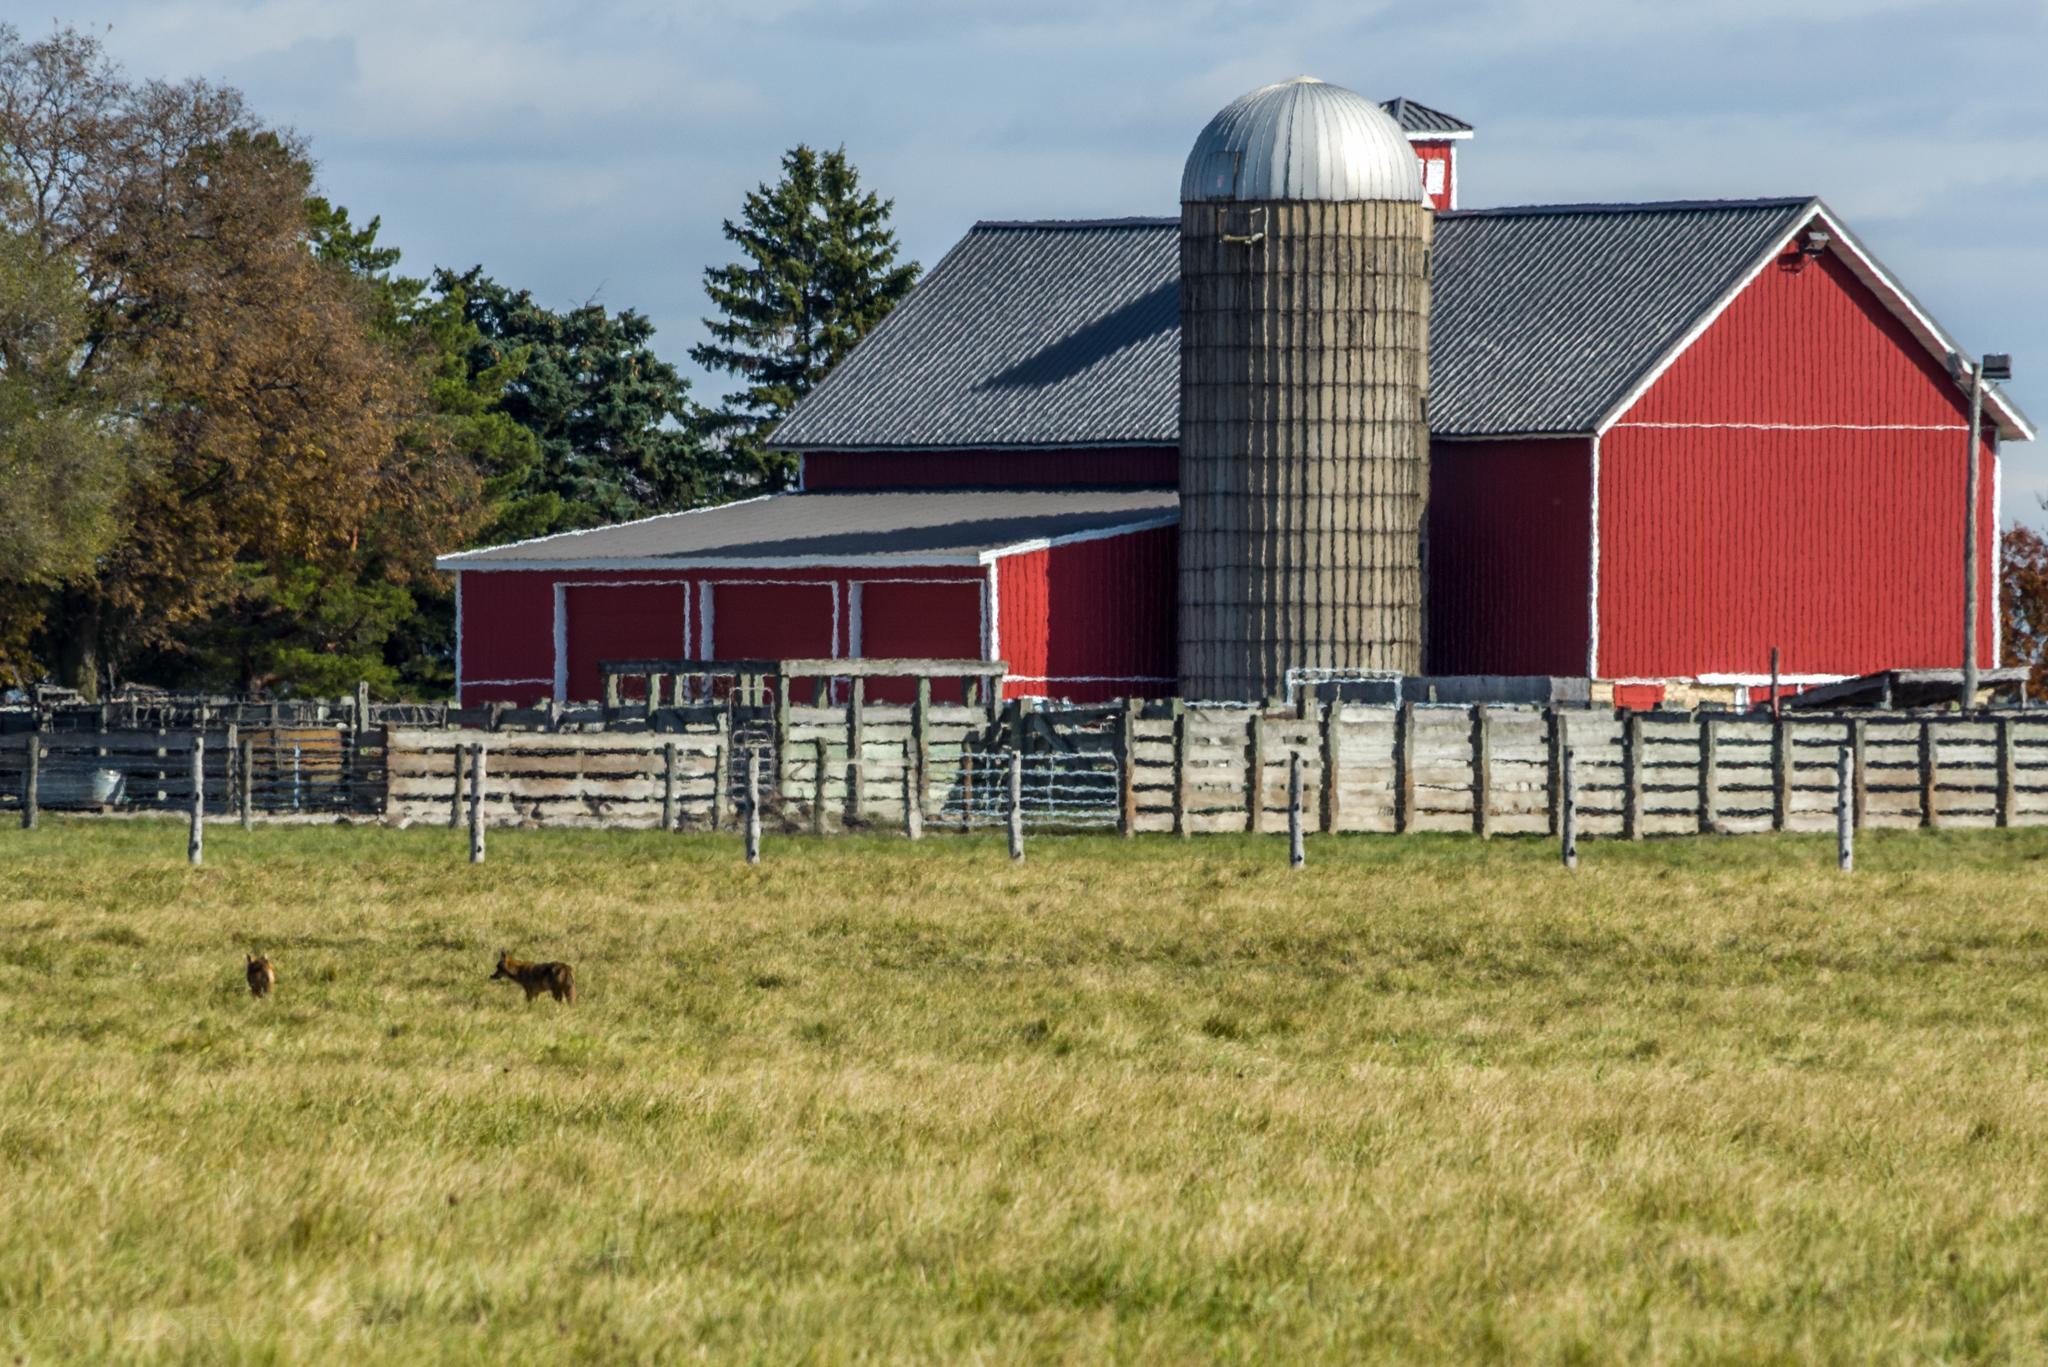 Farm Barn fermilab today